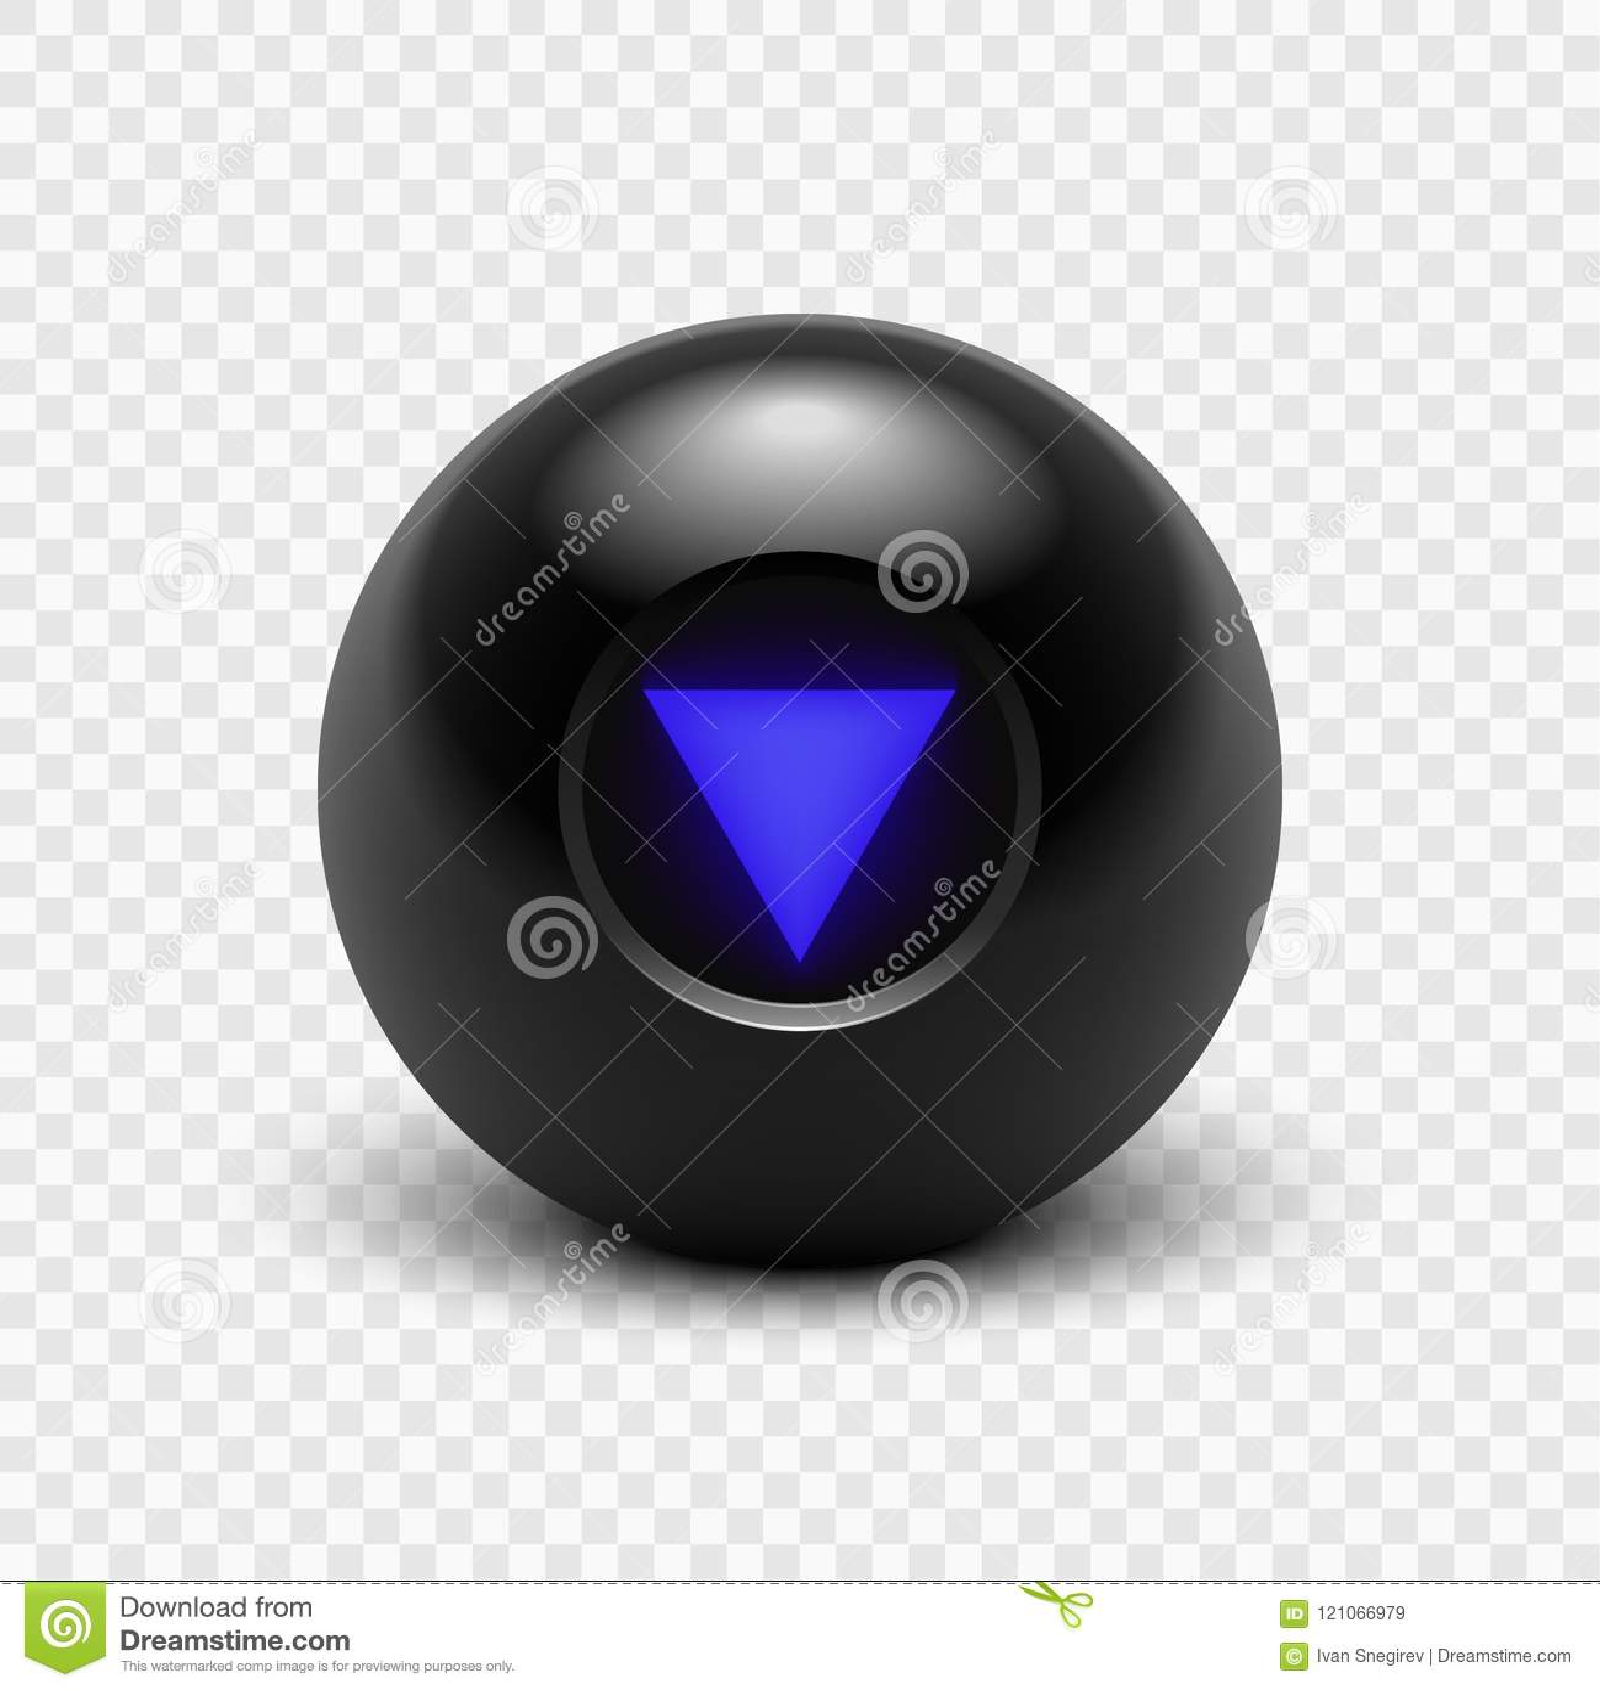 Vectorillustratie Magische bal 8 acht geïsoleerd op een transparante achtergrond Eps 10